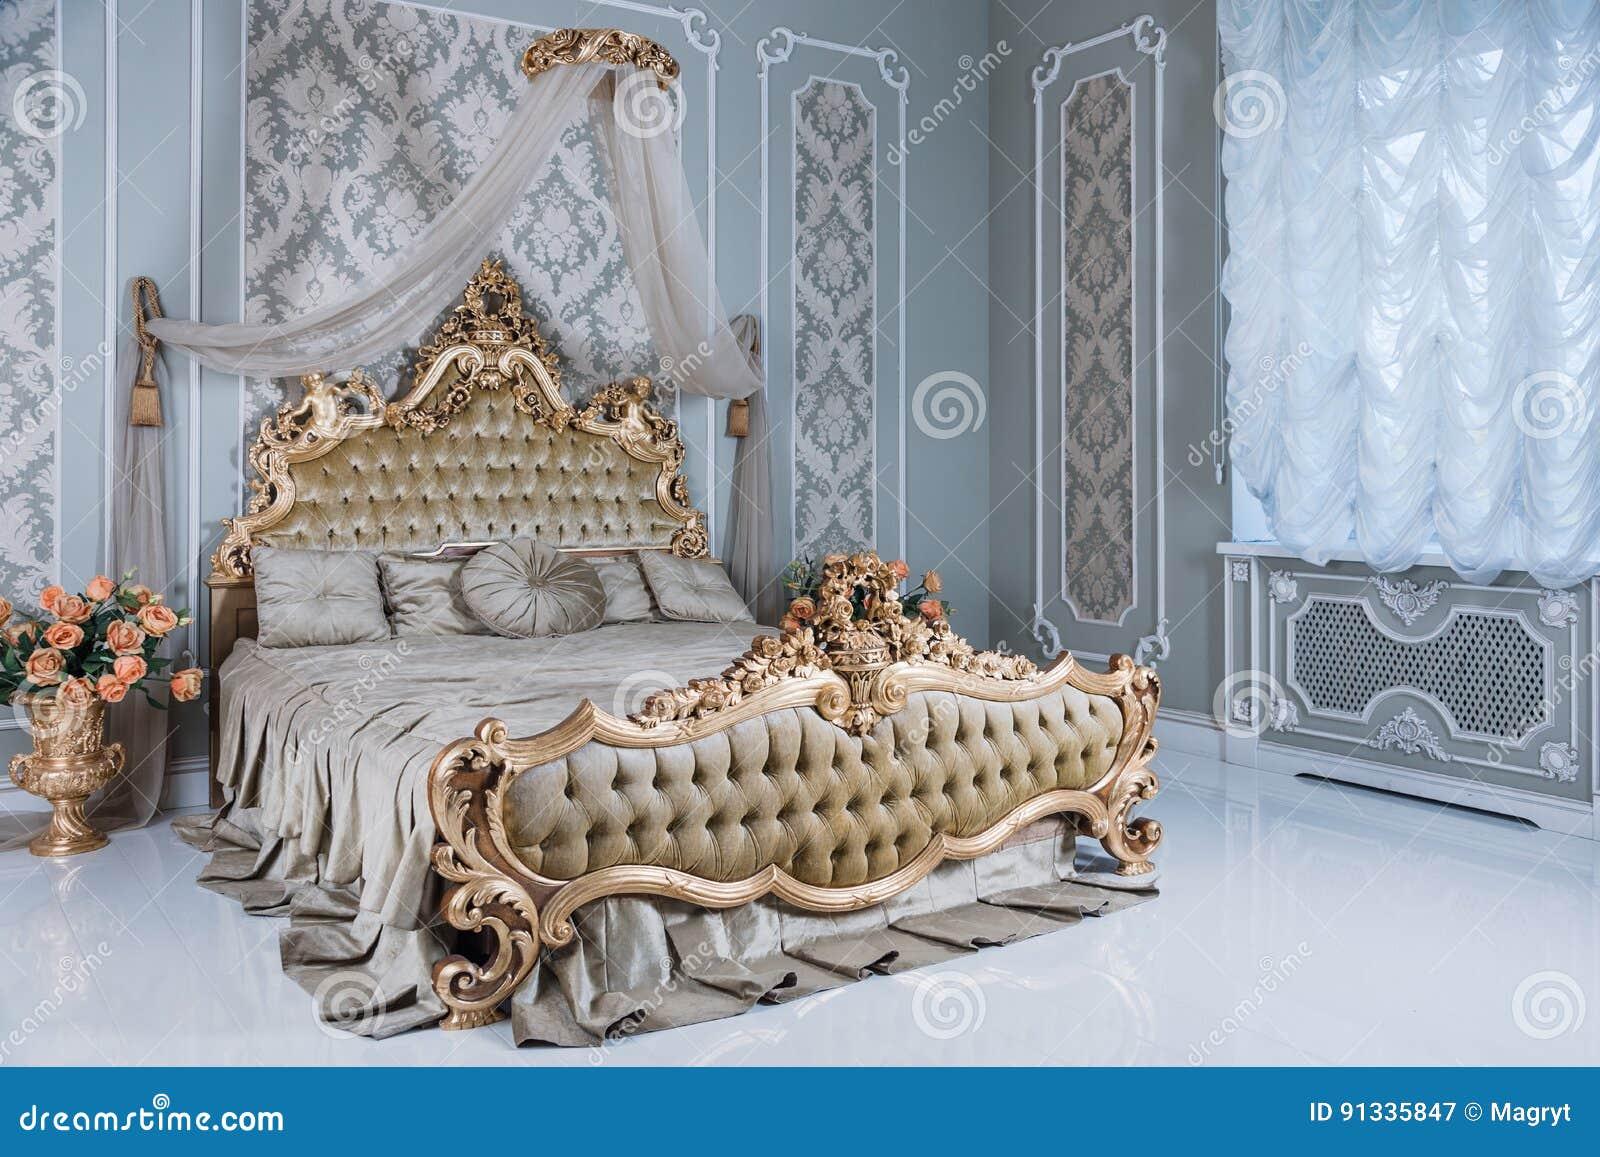 Letti Classici Di Lusso : Camera da letto di lusso nei colori leggeri con i dettagli dorati